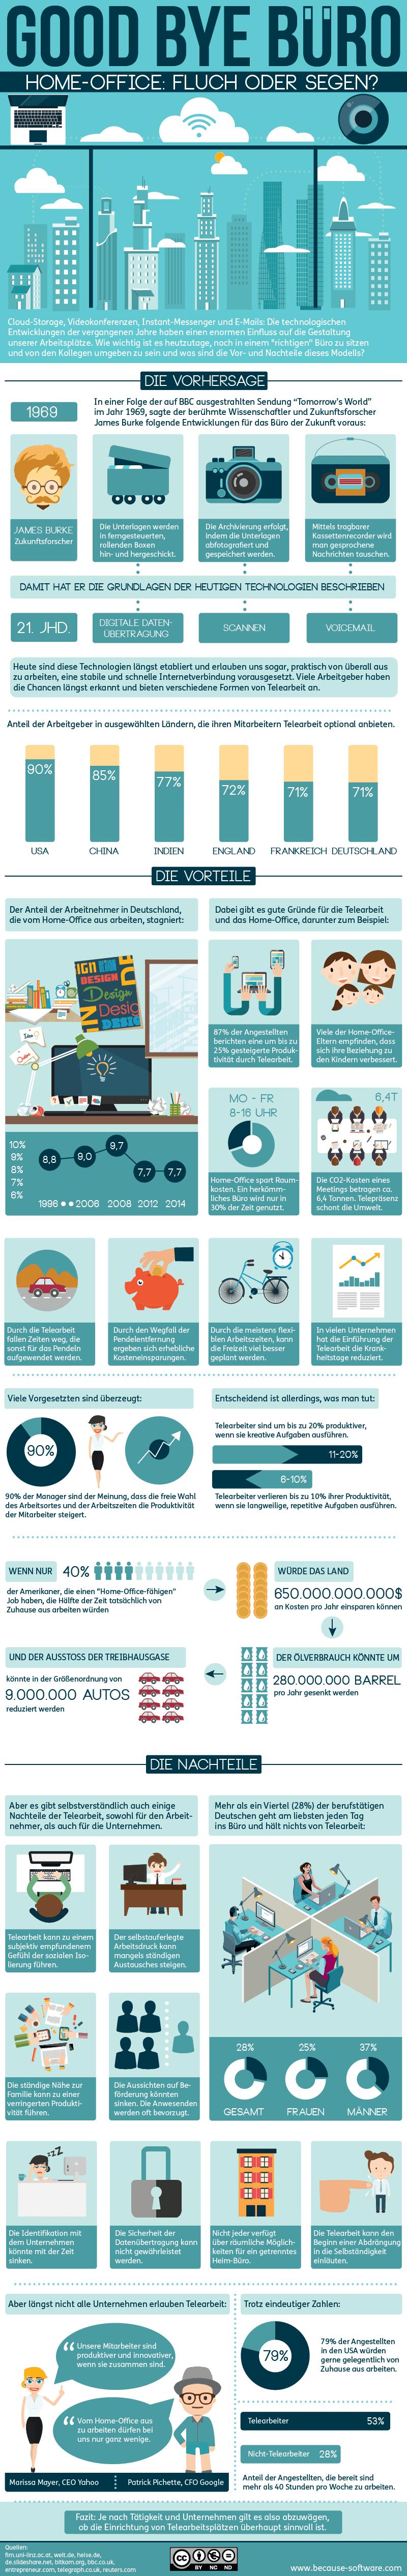 Weitere Fakten, Die Für Und Gegen Homeoffice Sprechen, Findest Du In Der  Infografik